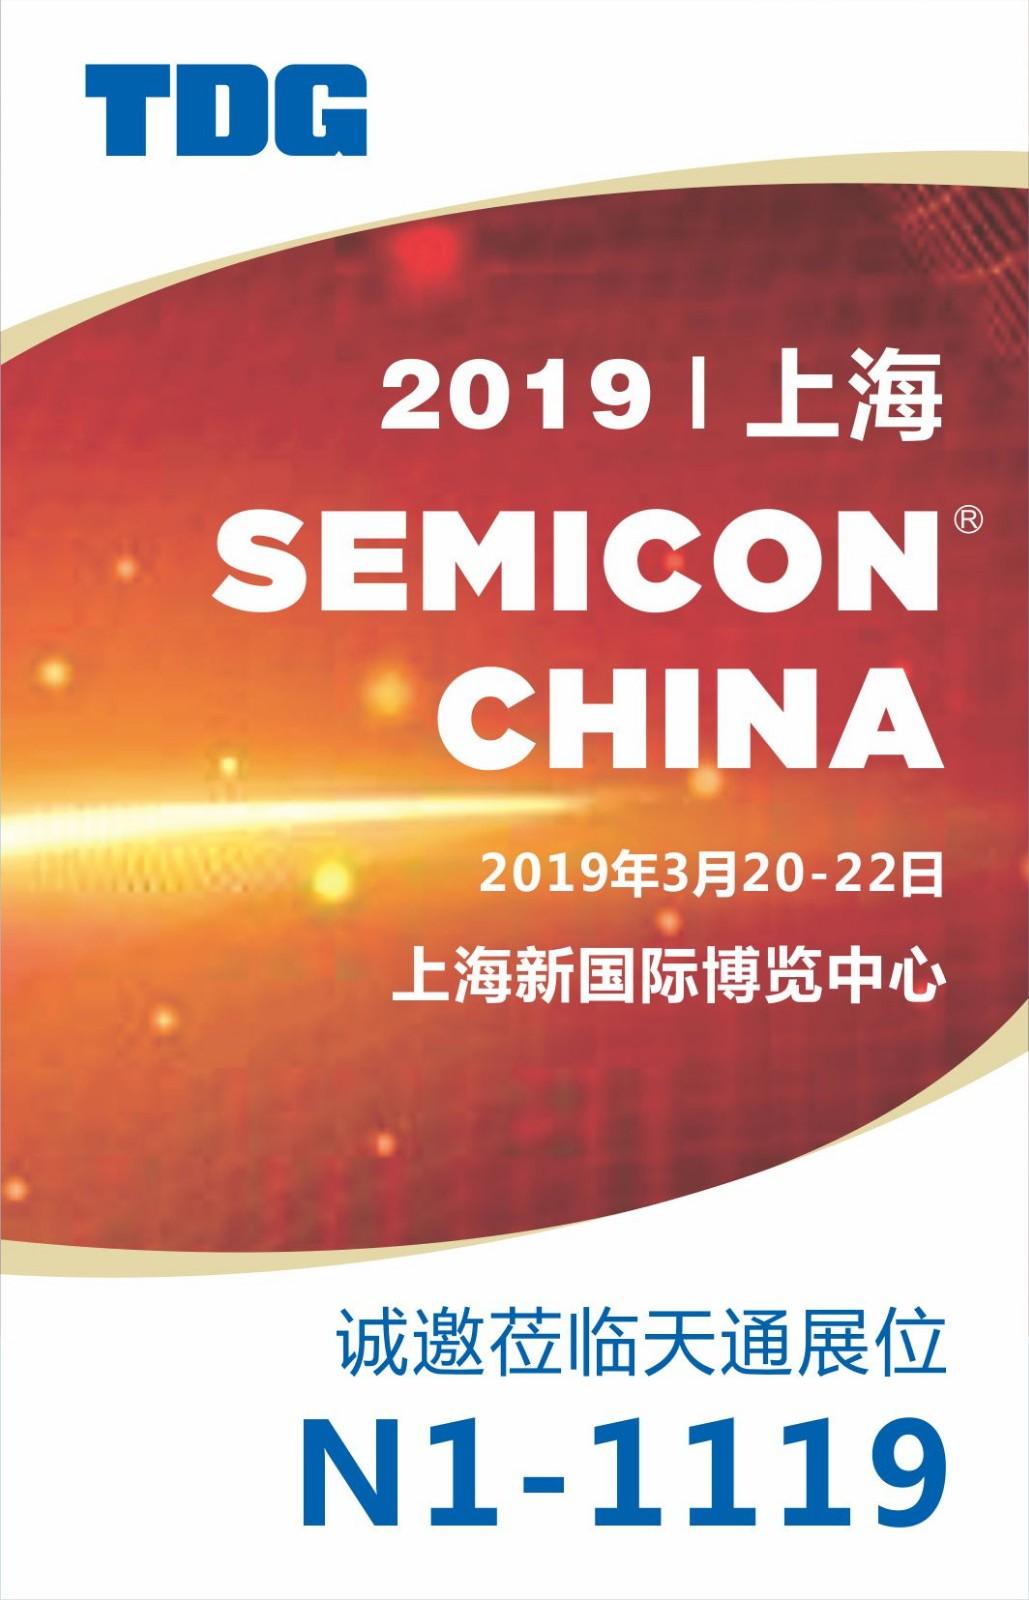 2019上海SEMINCON CHINA展